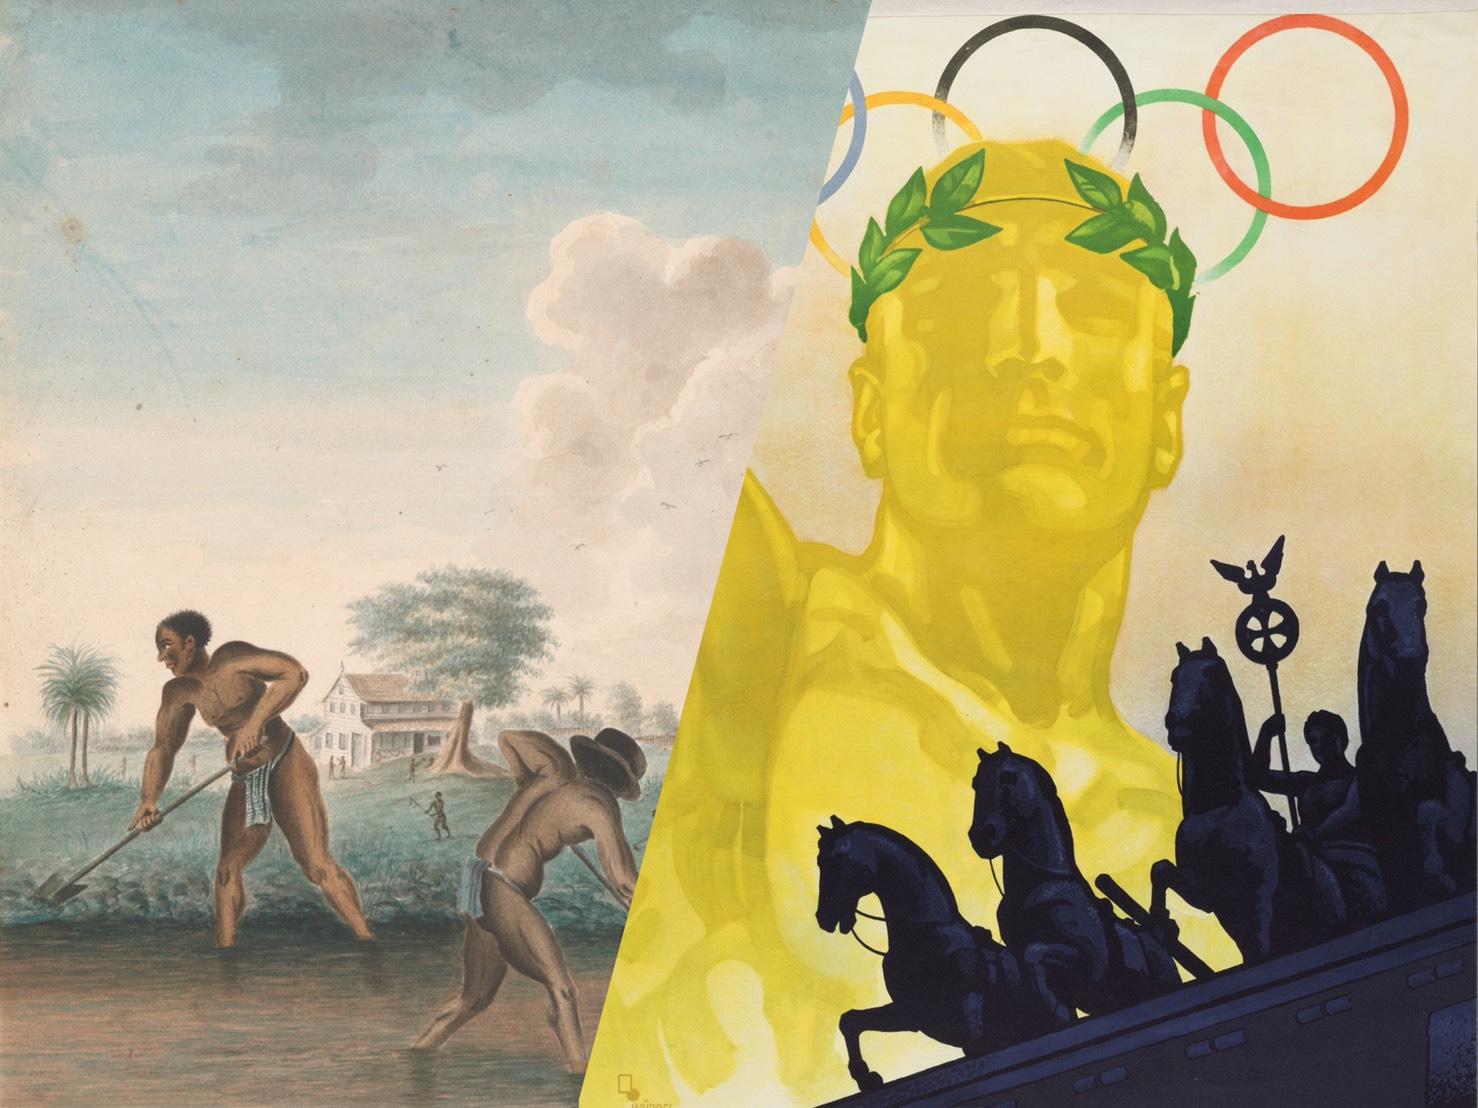 【博物之島專文】如何面對國家的傷痕記憶?荷蘭奴隸展&第三帝國設計展之啟示